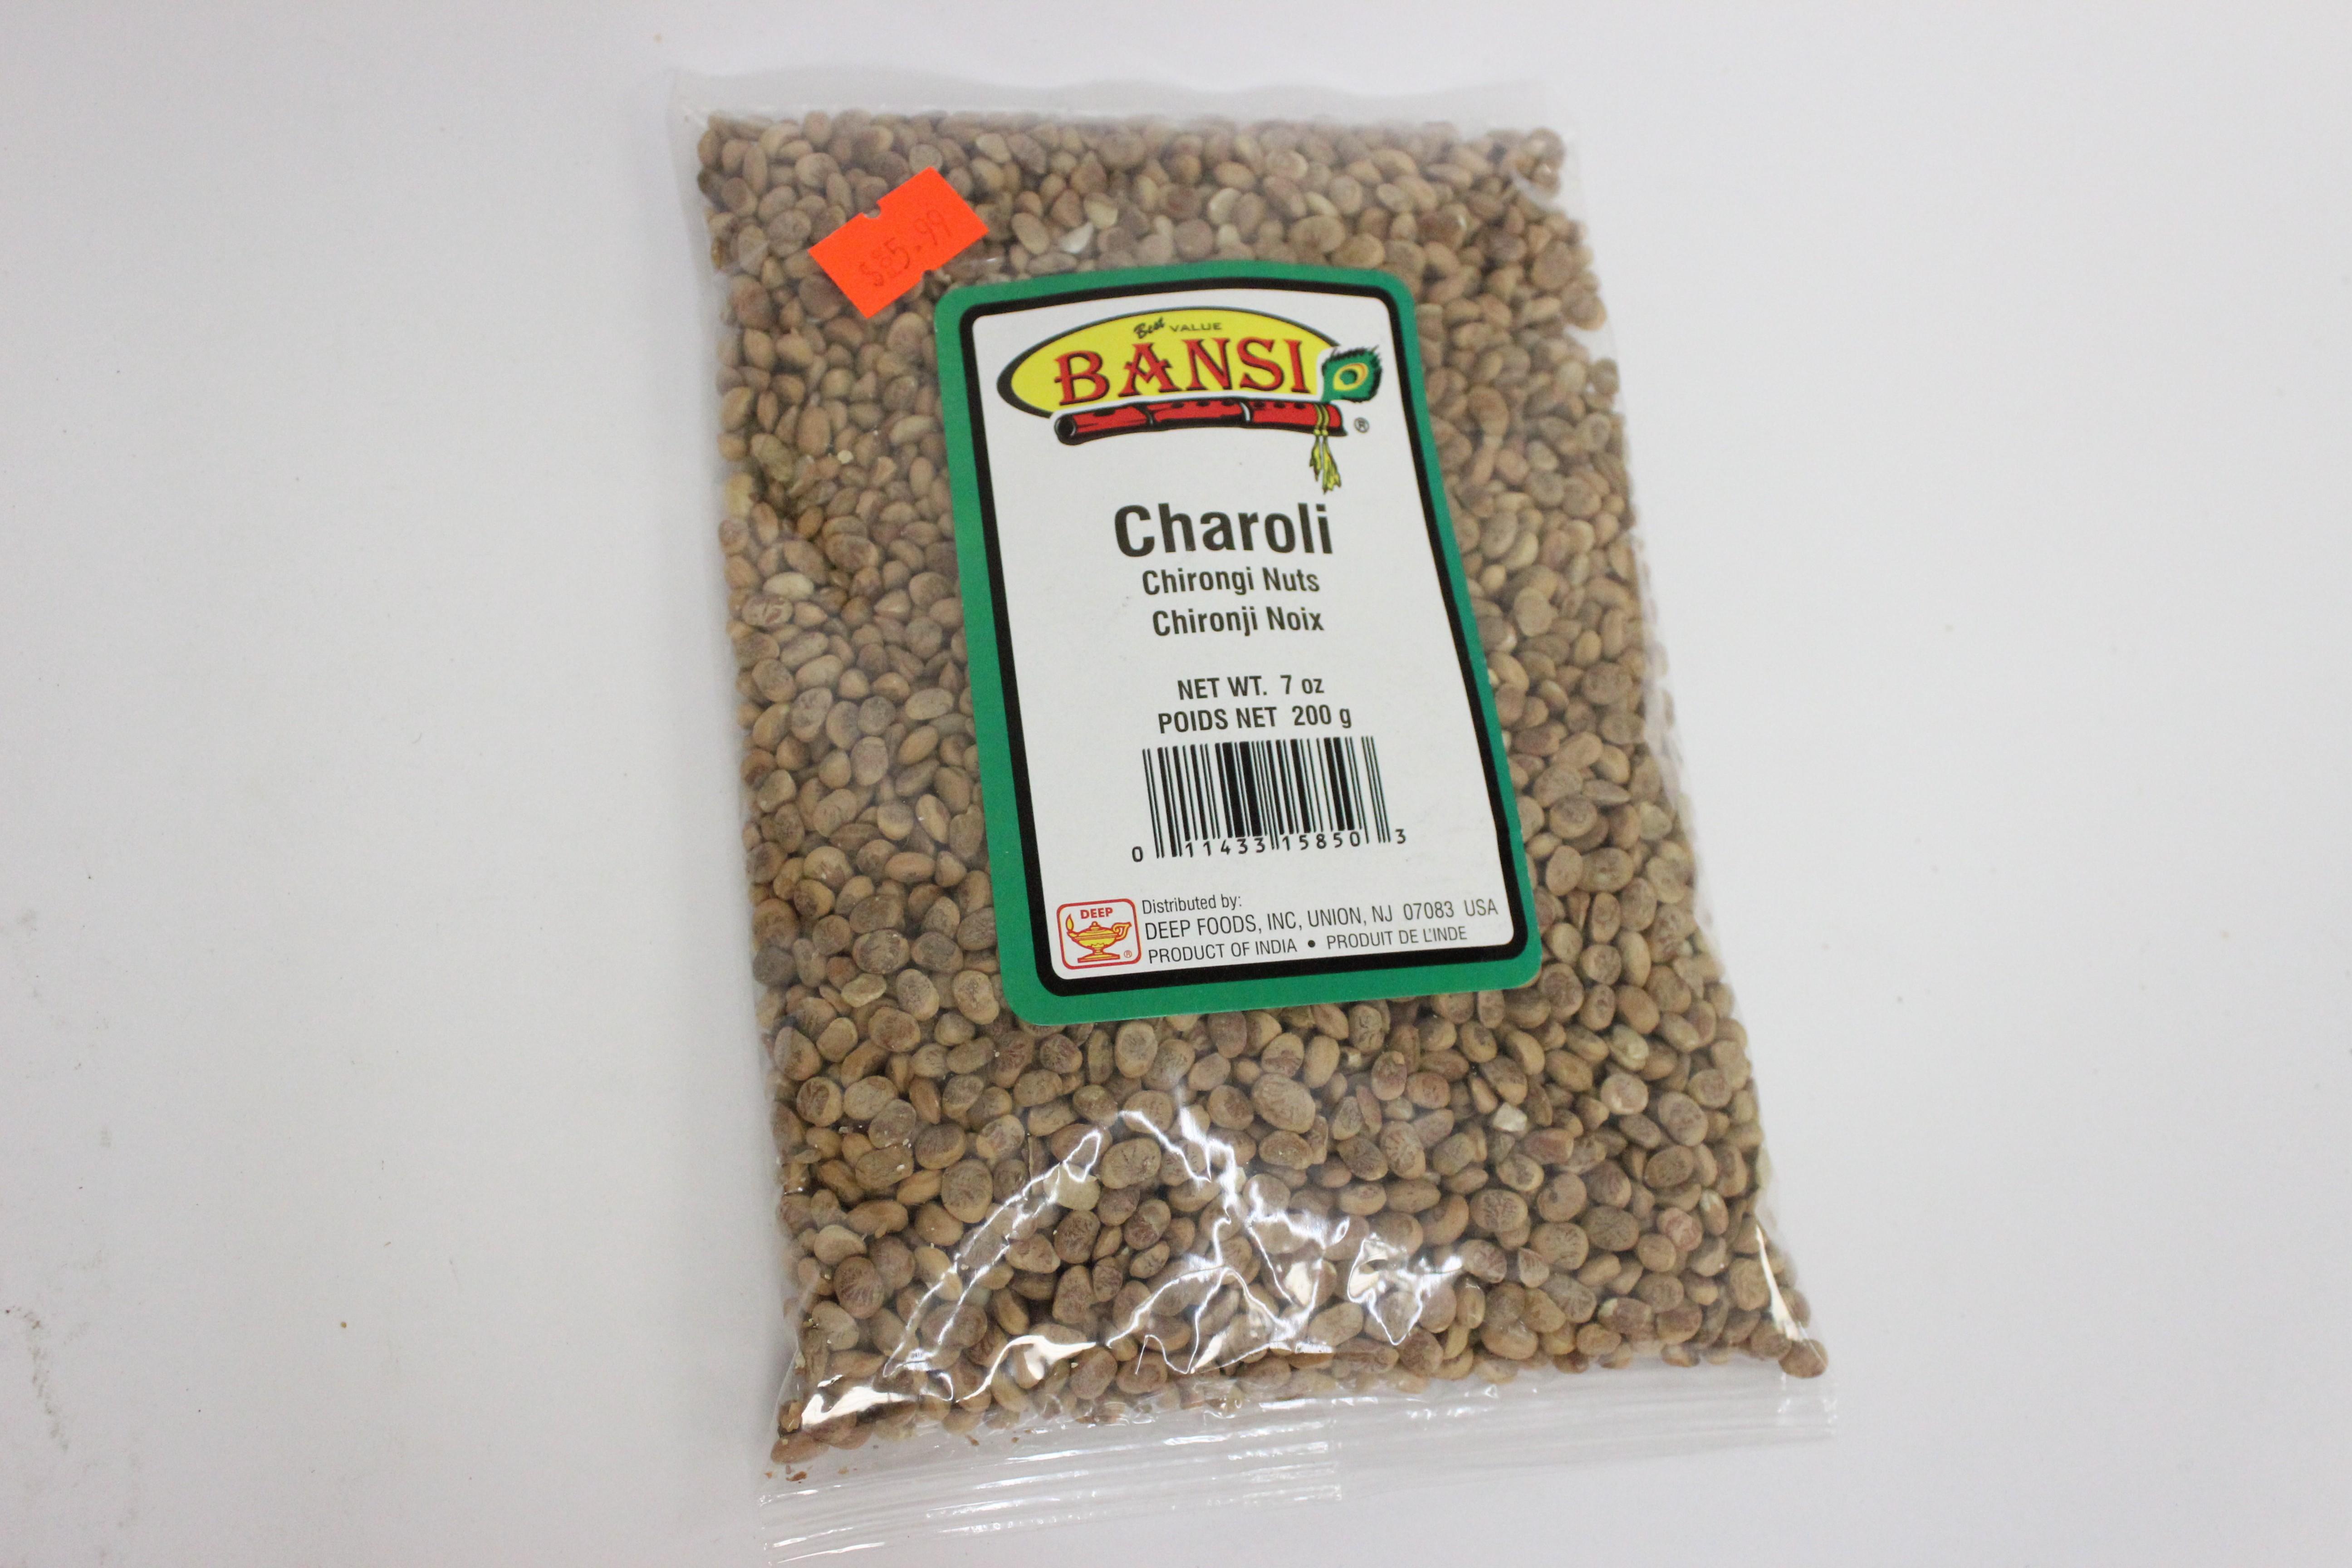 Charoli, Chirongi 7oz